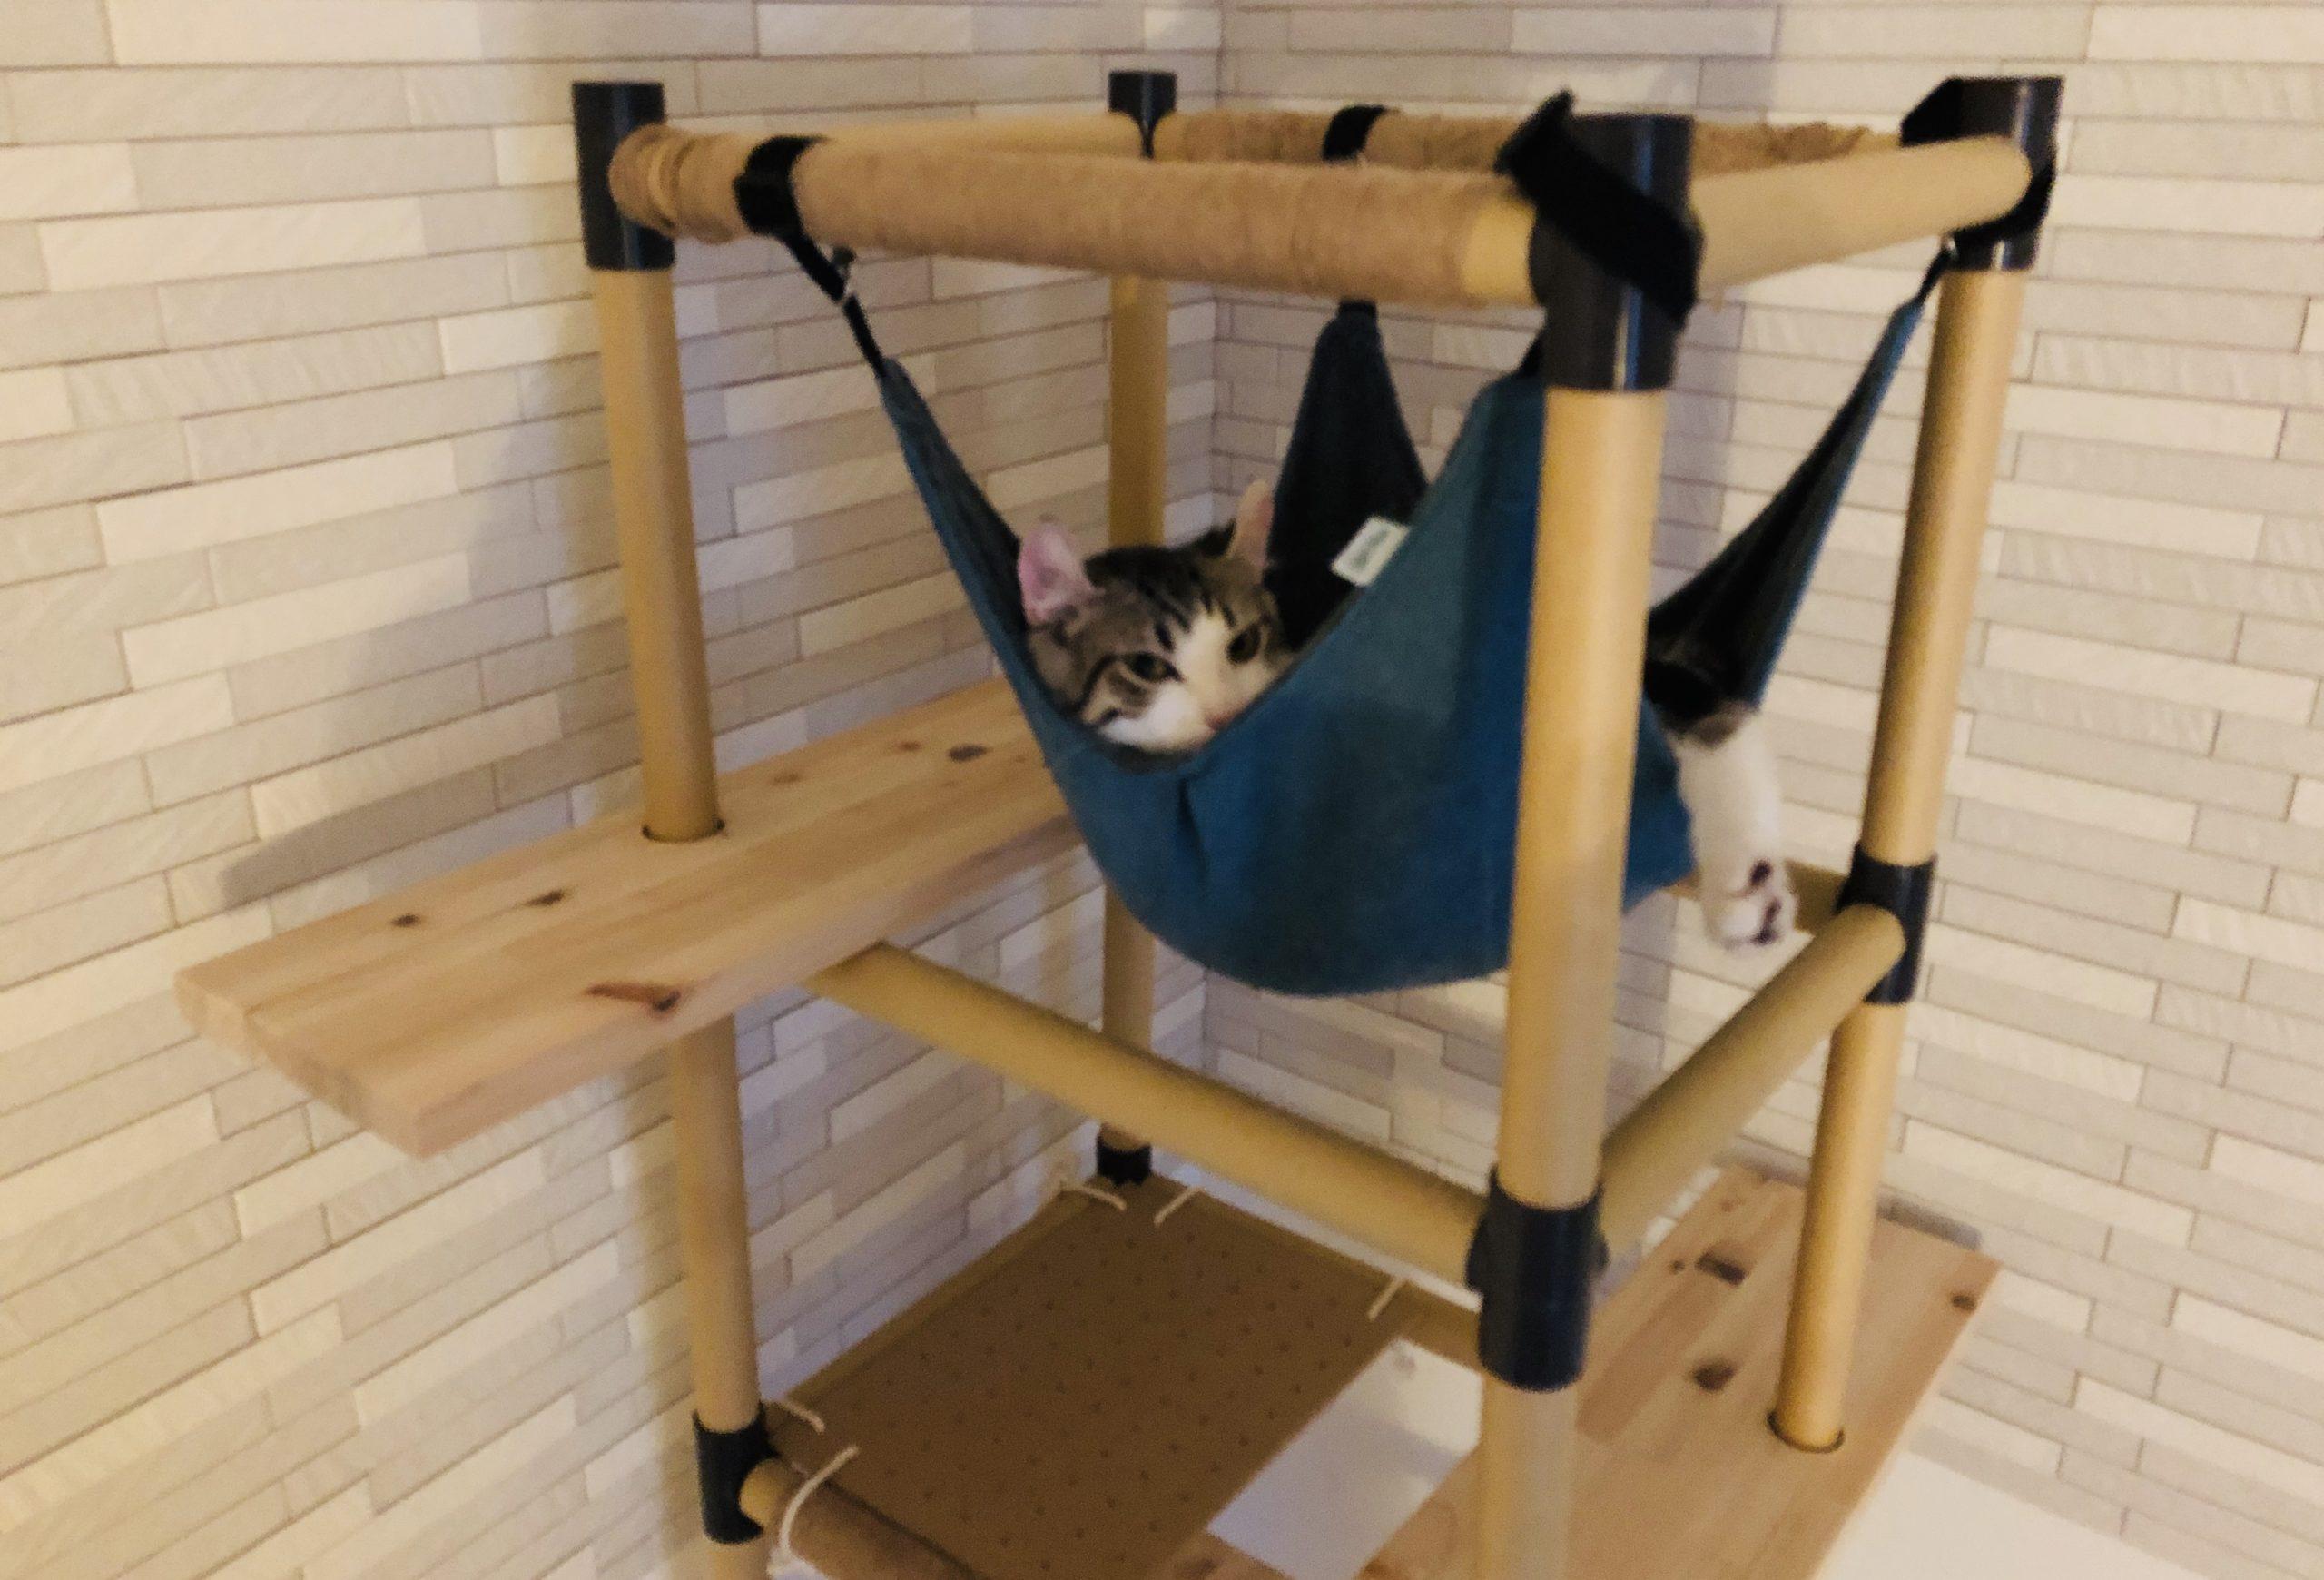 キャットタワーを喜んでいる子猫